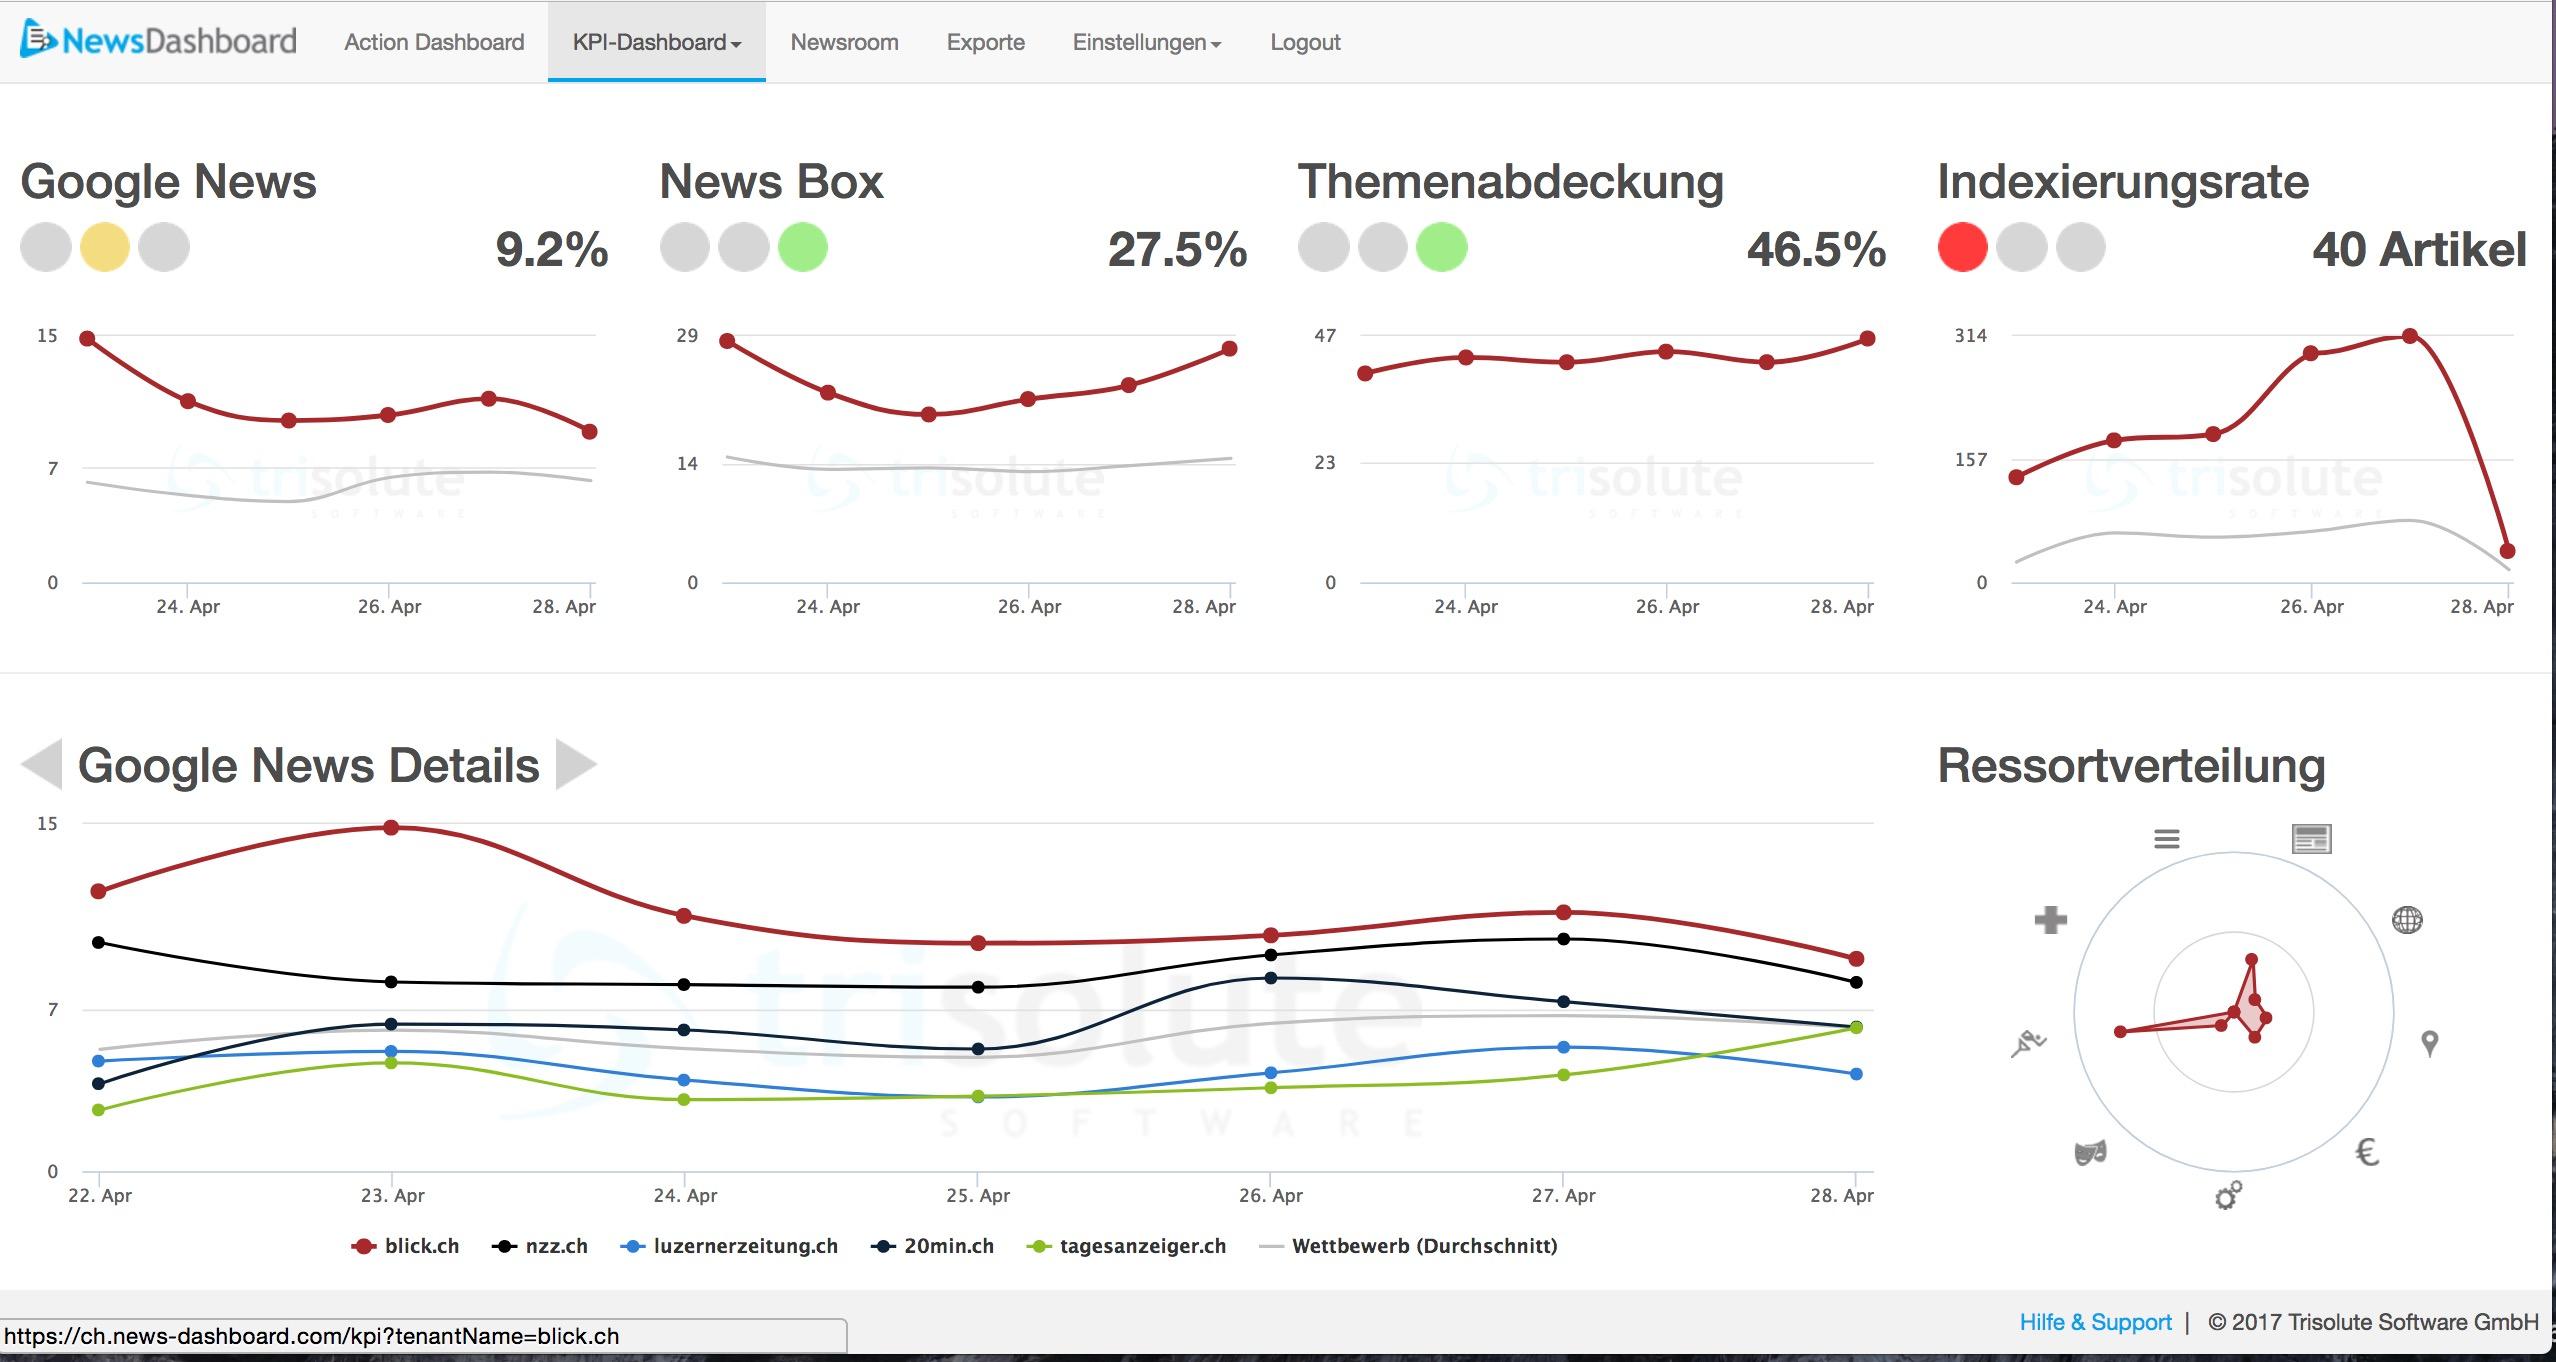 Screenshot mit dem KPI Dashboard vom Google Newsdashboard Tool von Trisolute